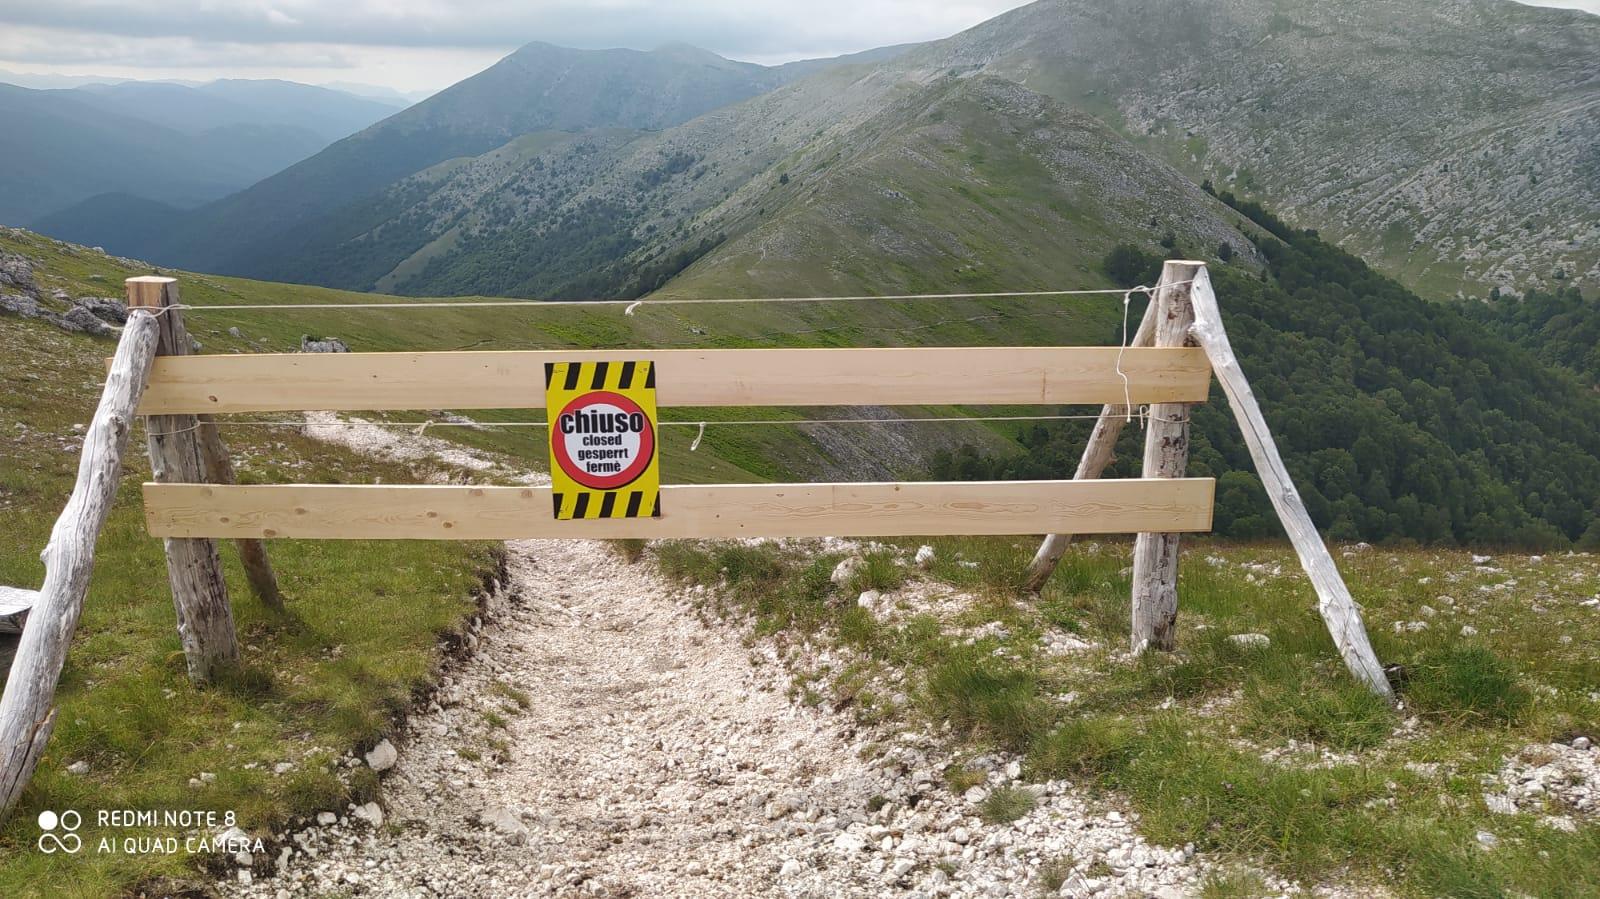 Chiusa traccia ciclabile sul Monte Vitelle: troppo vicina all'area dell'Orso marsicano